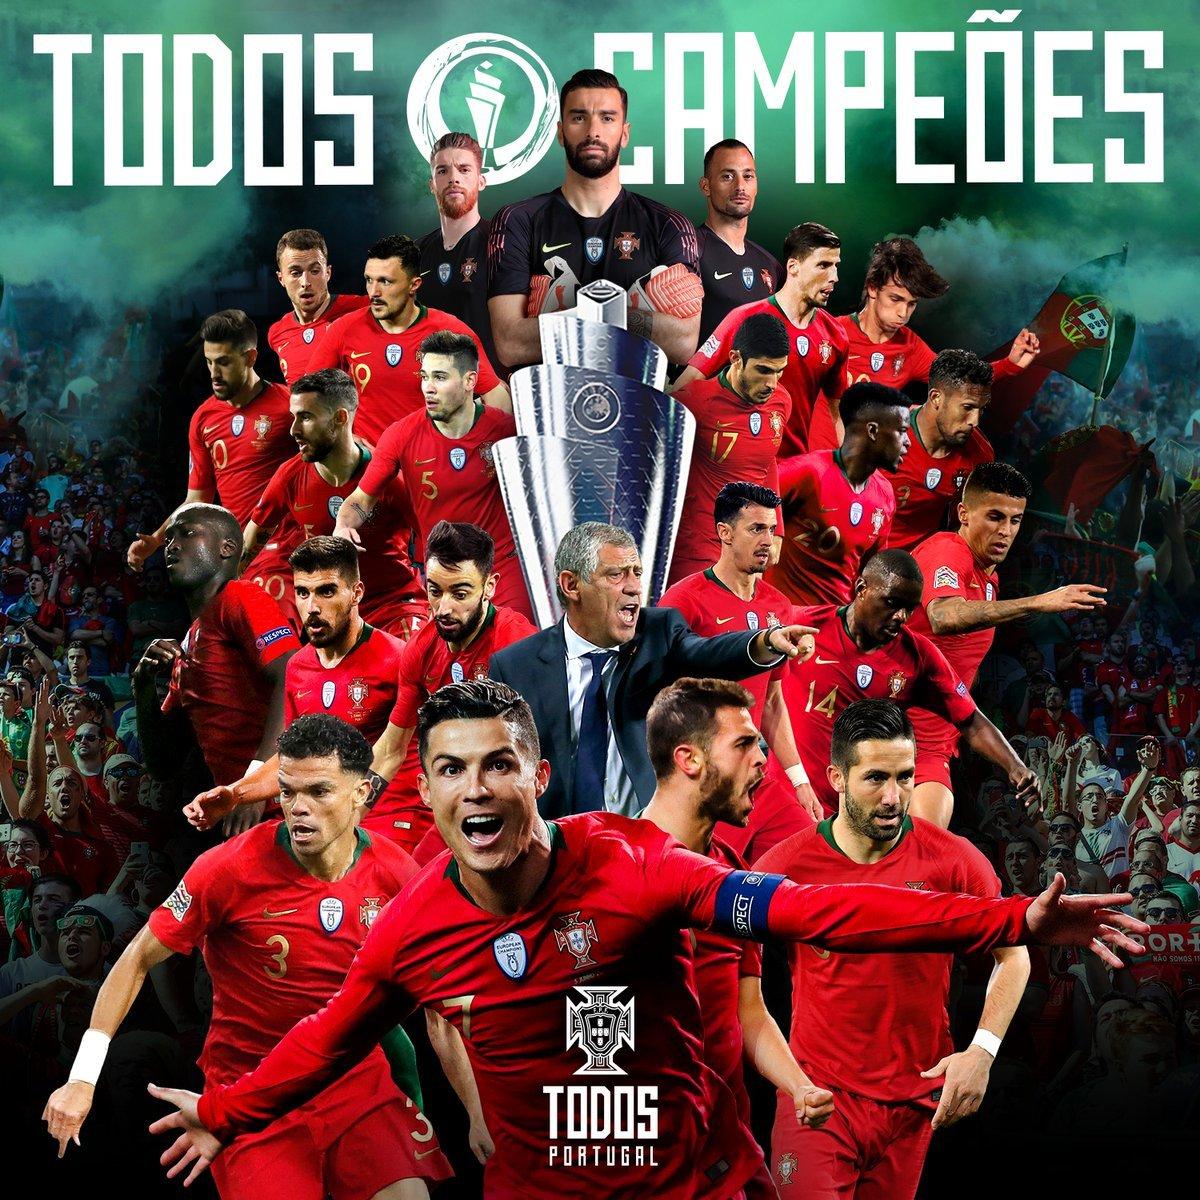 Kết quả hình ảnh cho Tổng hợp thông tin về Giải bóng đá vô địch quốc gia Bồ Đào Nha